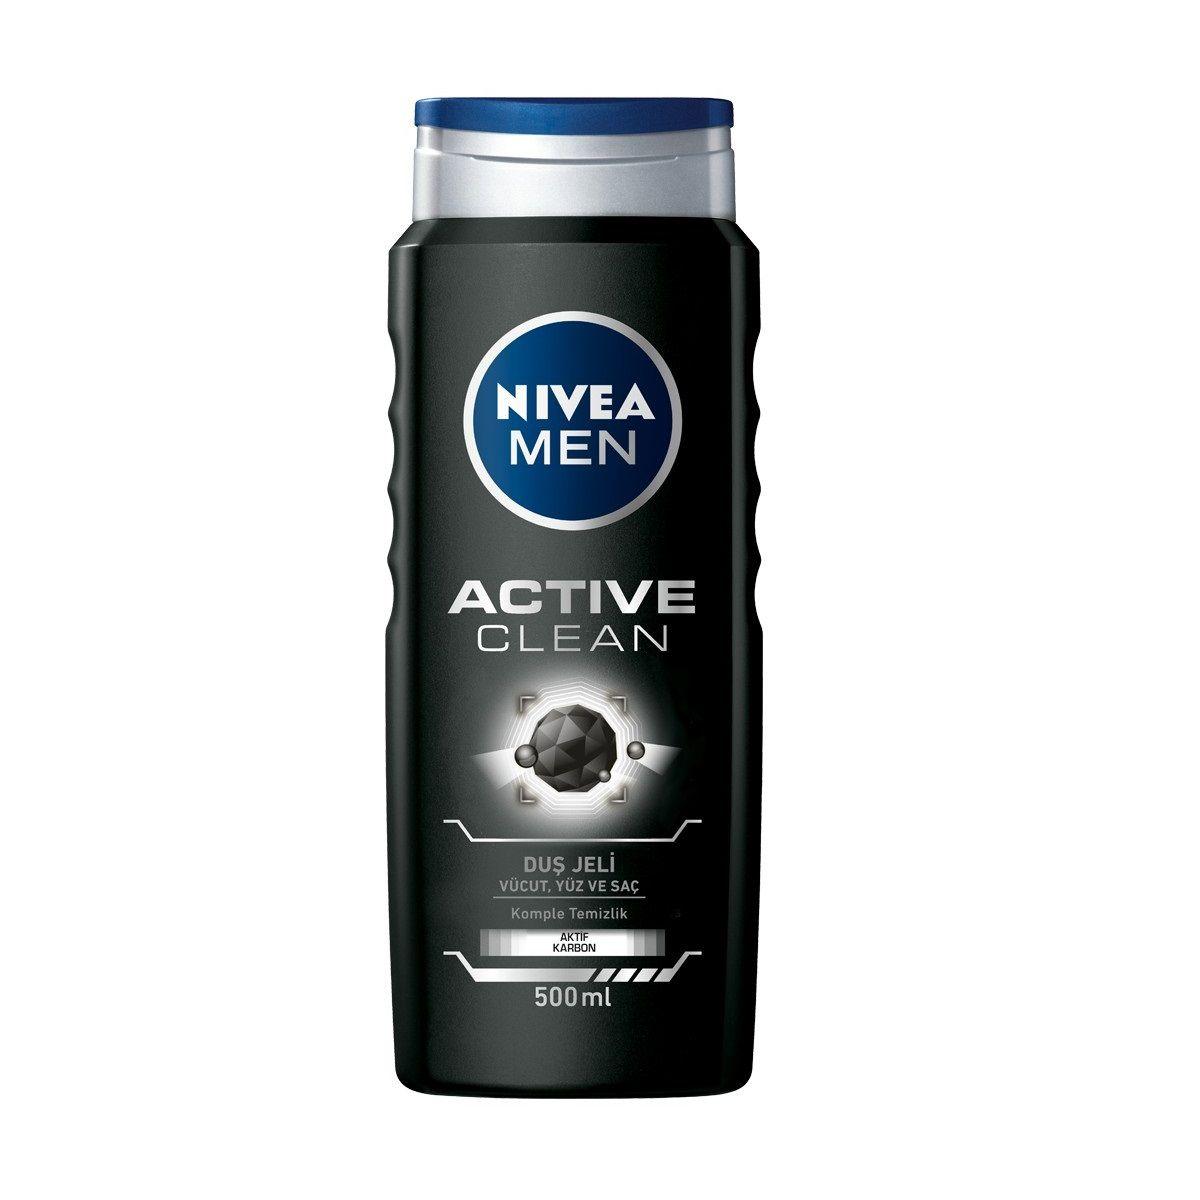 شامپو مو و بدن نیوآ مدل Active Clean حجم 500 میلی لیتر  -  - 3